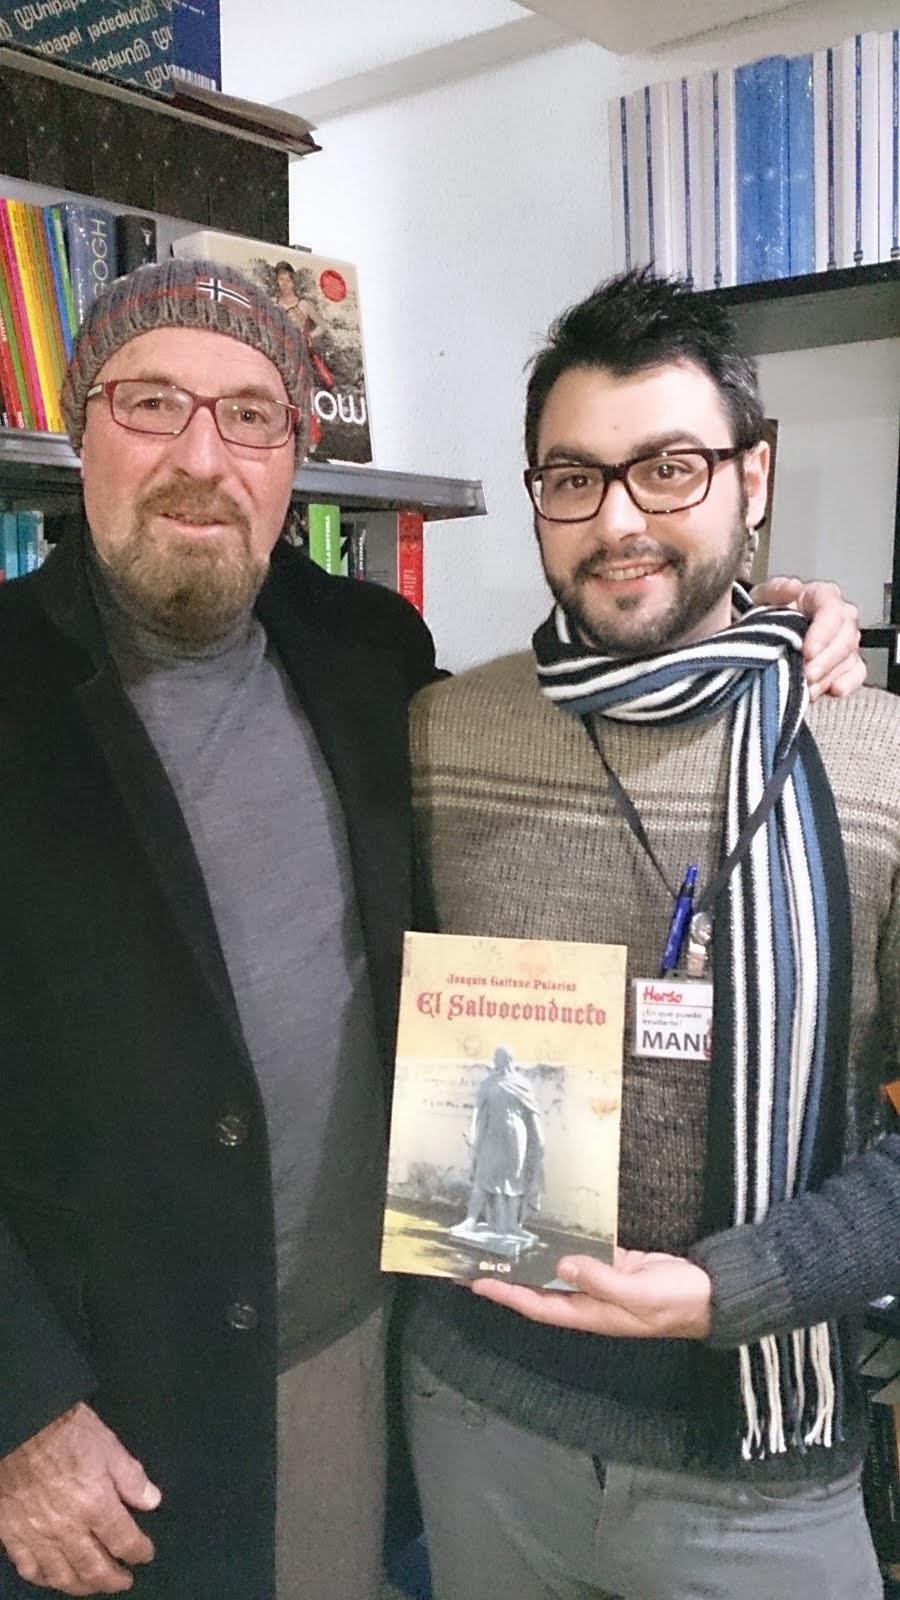 Con Manuel. Librería Herso, Albacete.